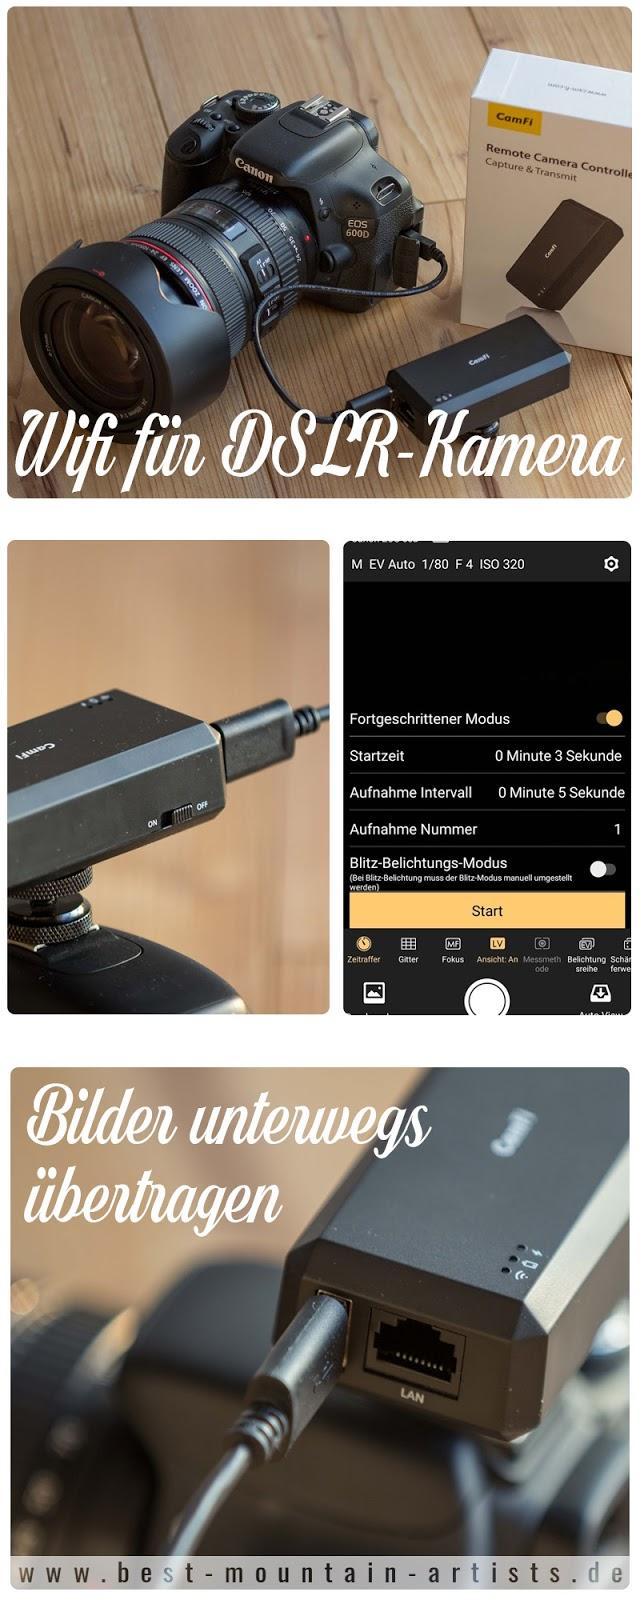 Bilder von DSLR unterwegs übertragen - CamFi Wifi Spiegelreflexkamera